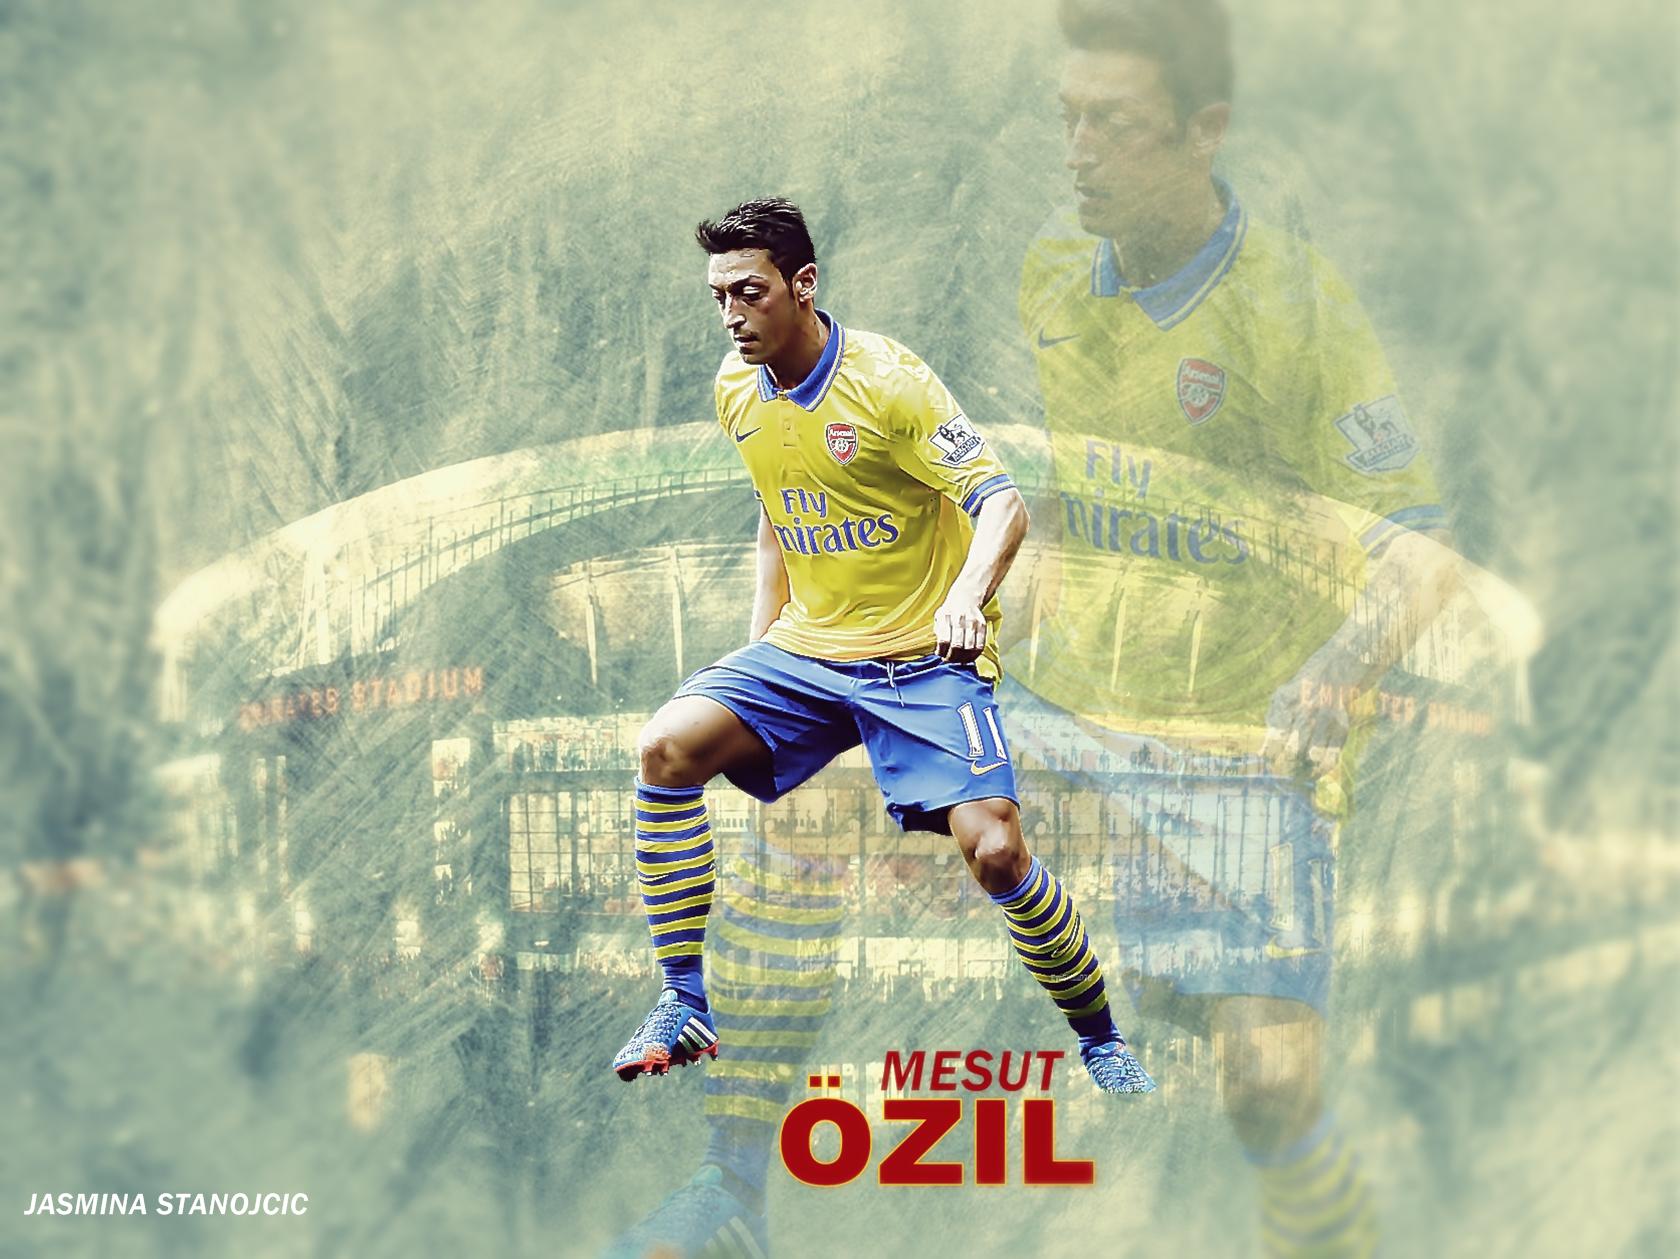 Mesut Ozil By Mimi15vidic.deviantart.com On @deviantART